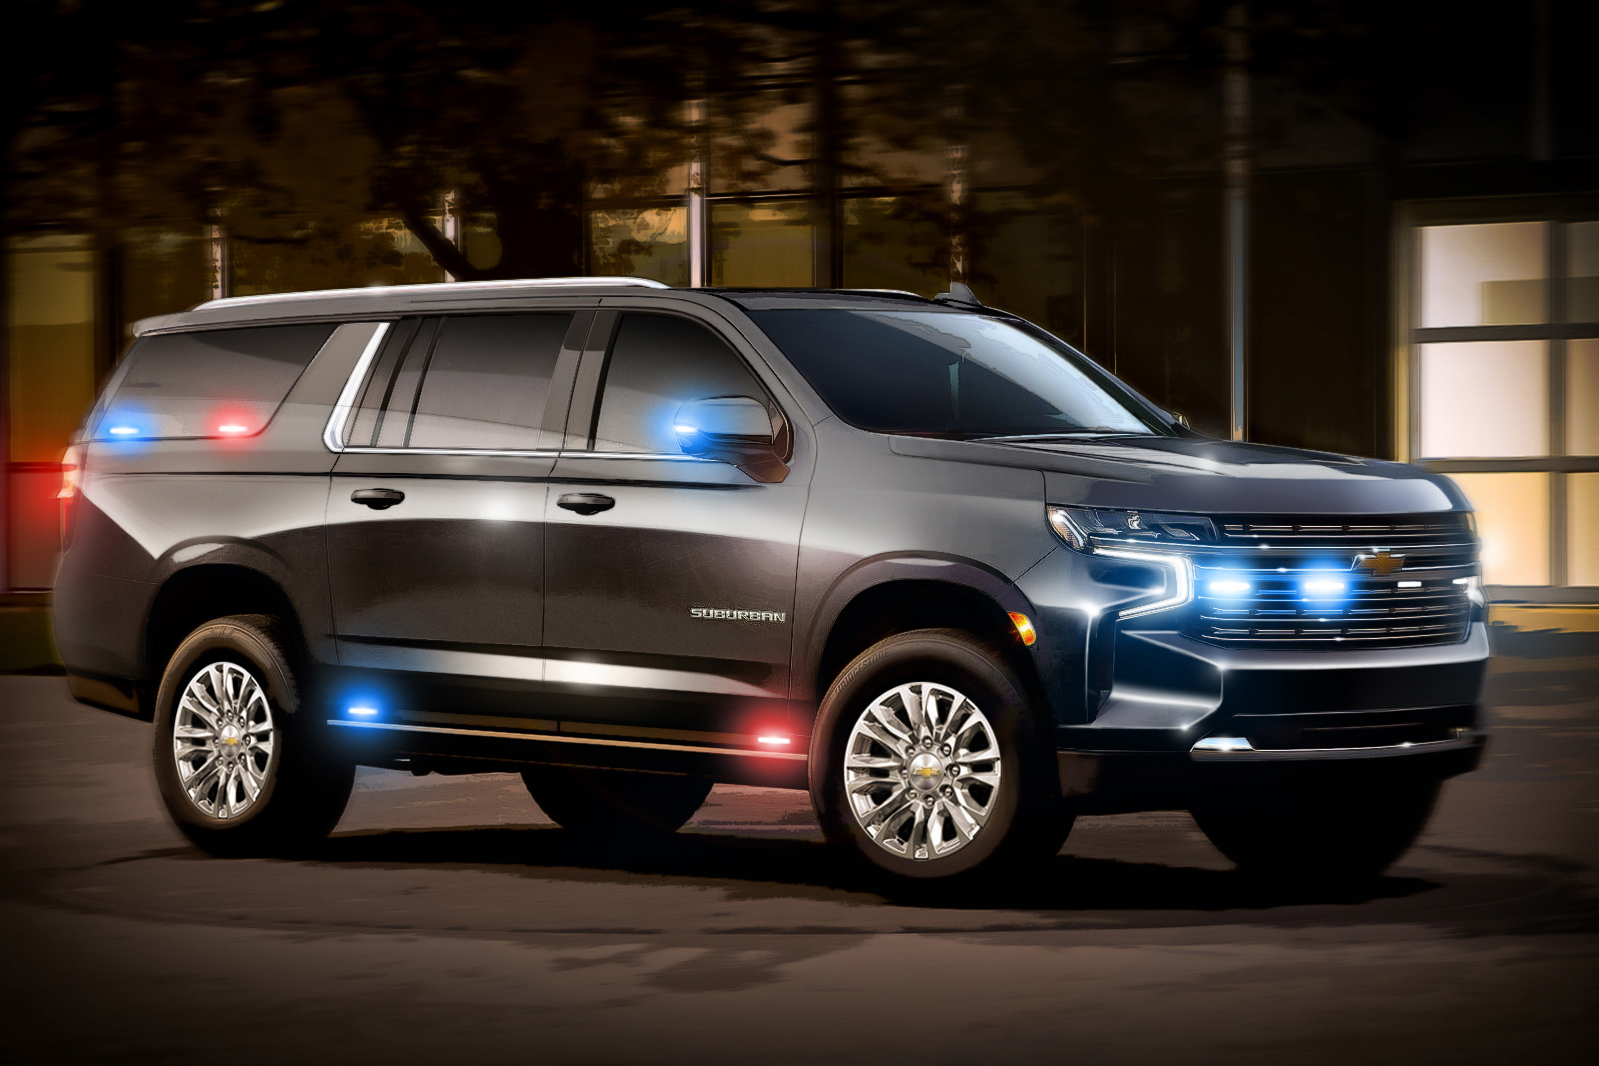 Ideia inicial do SUV pesado Suburban do governo norte-americano